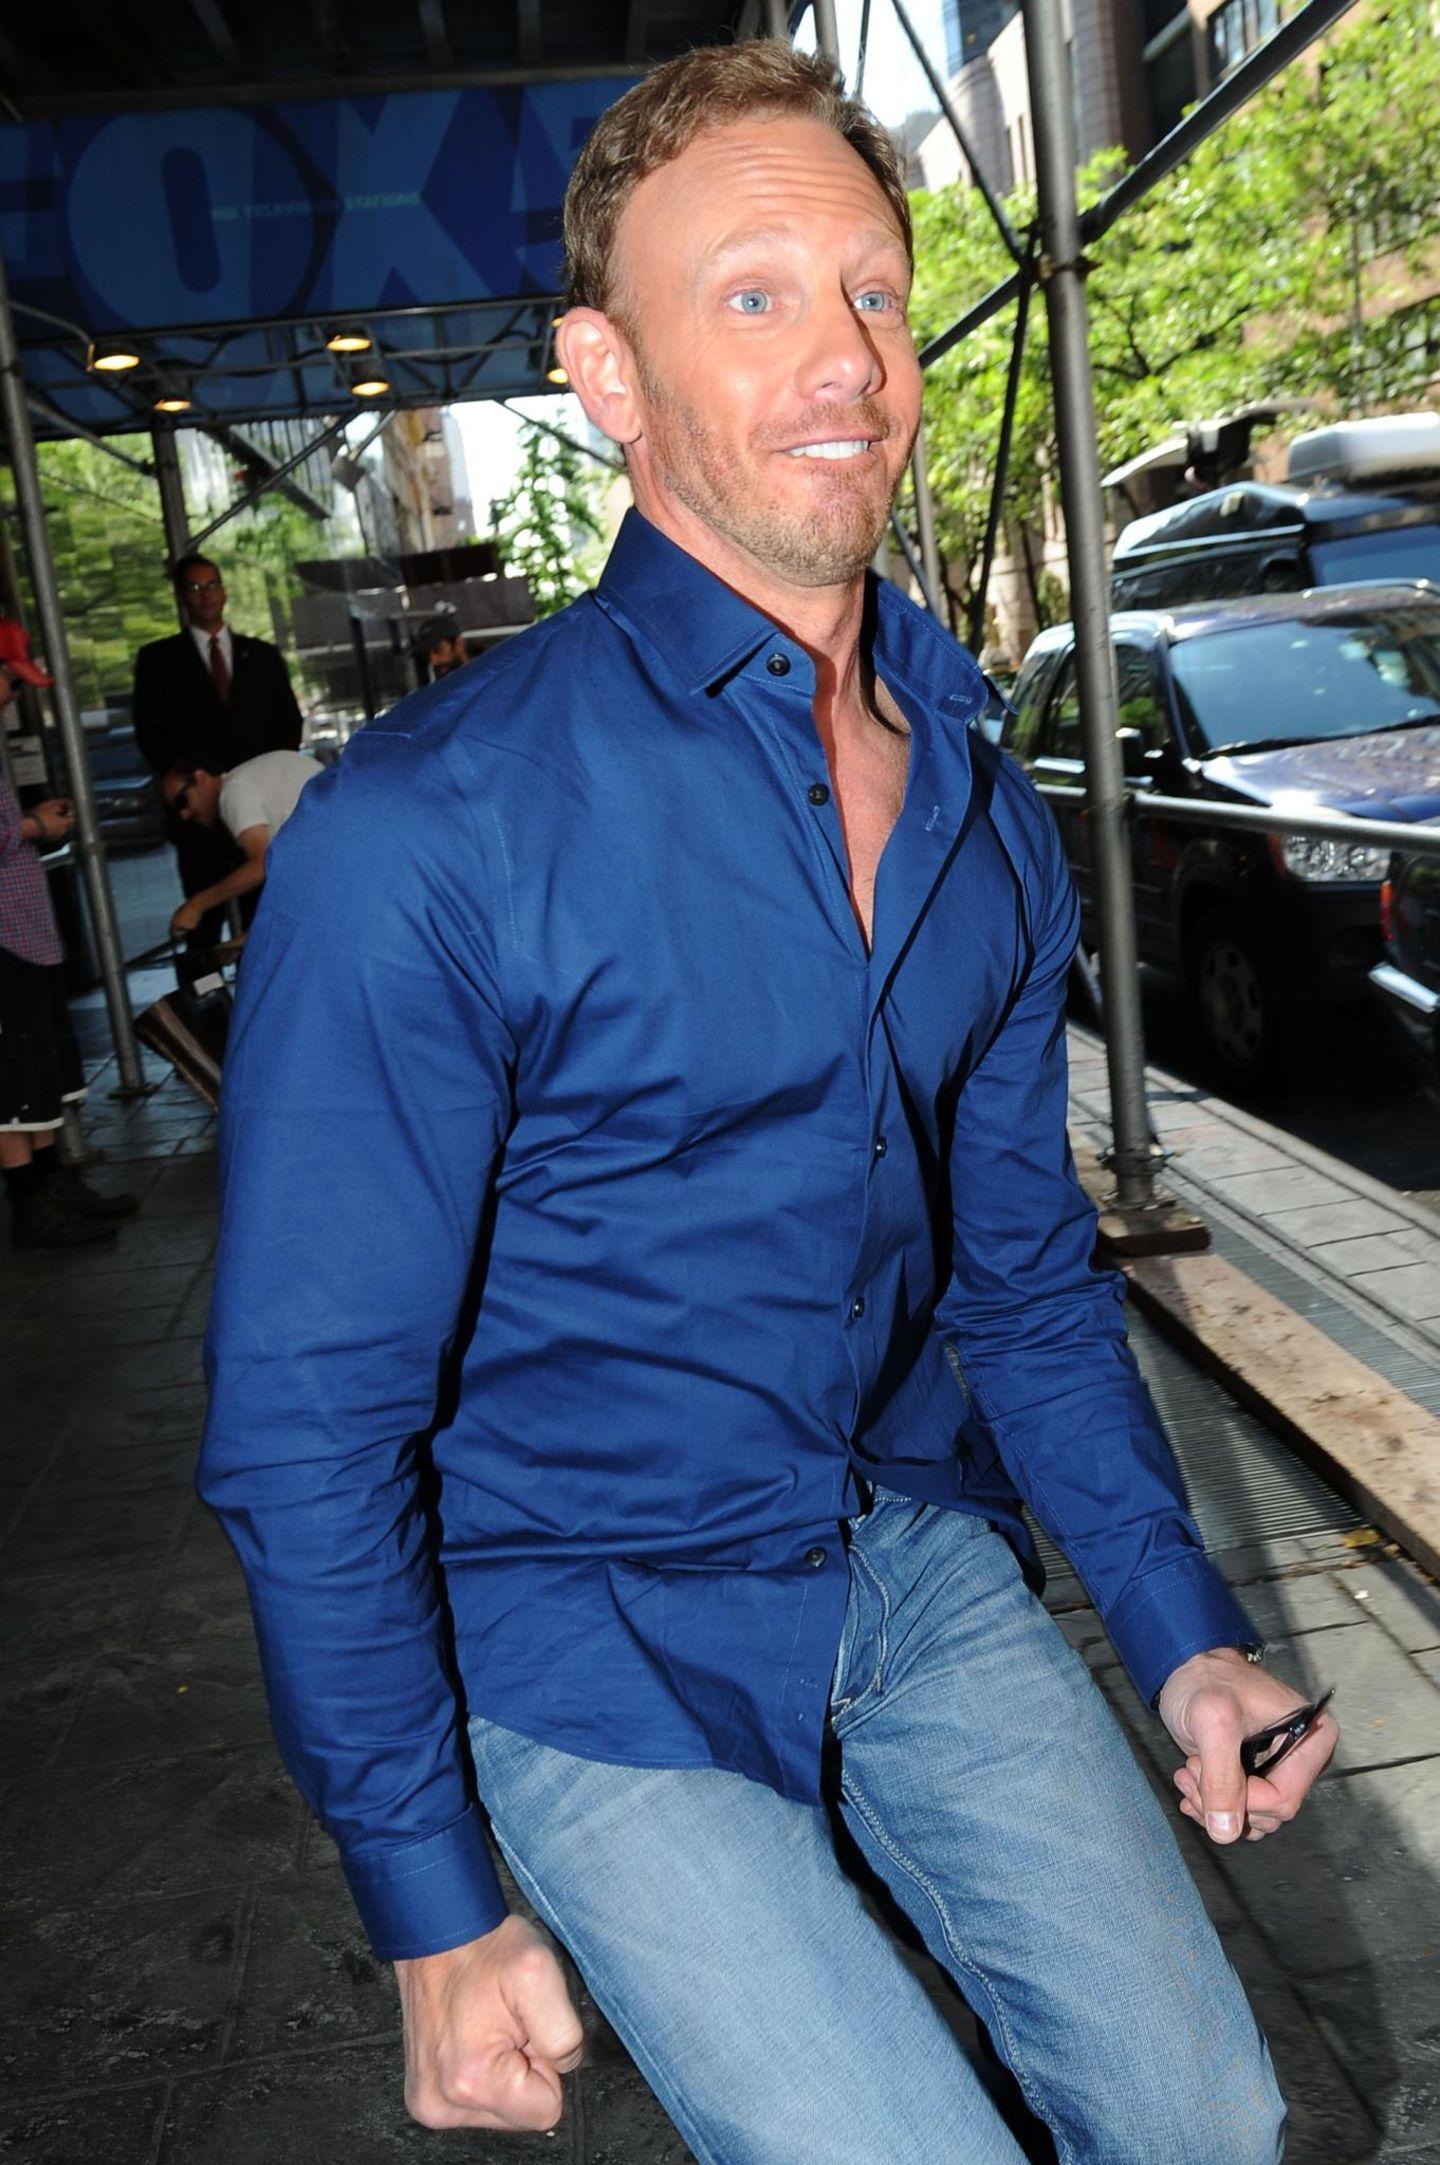 Als Ian Ziering die Fox Studios in Manhattan verlässt, ist er zu Scherzen aufgelegt.